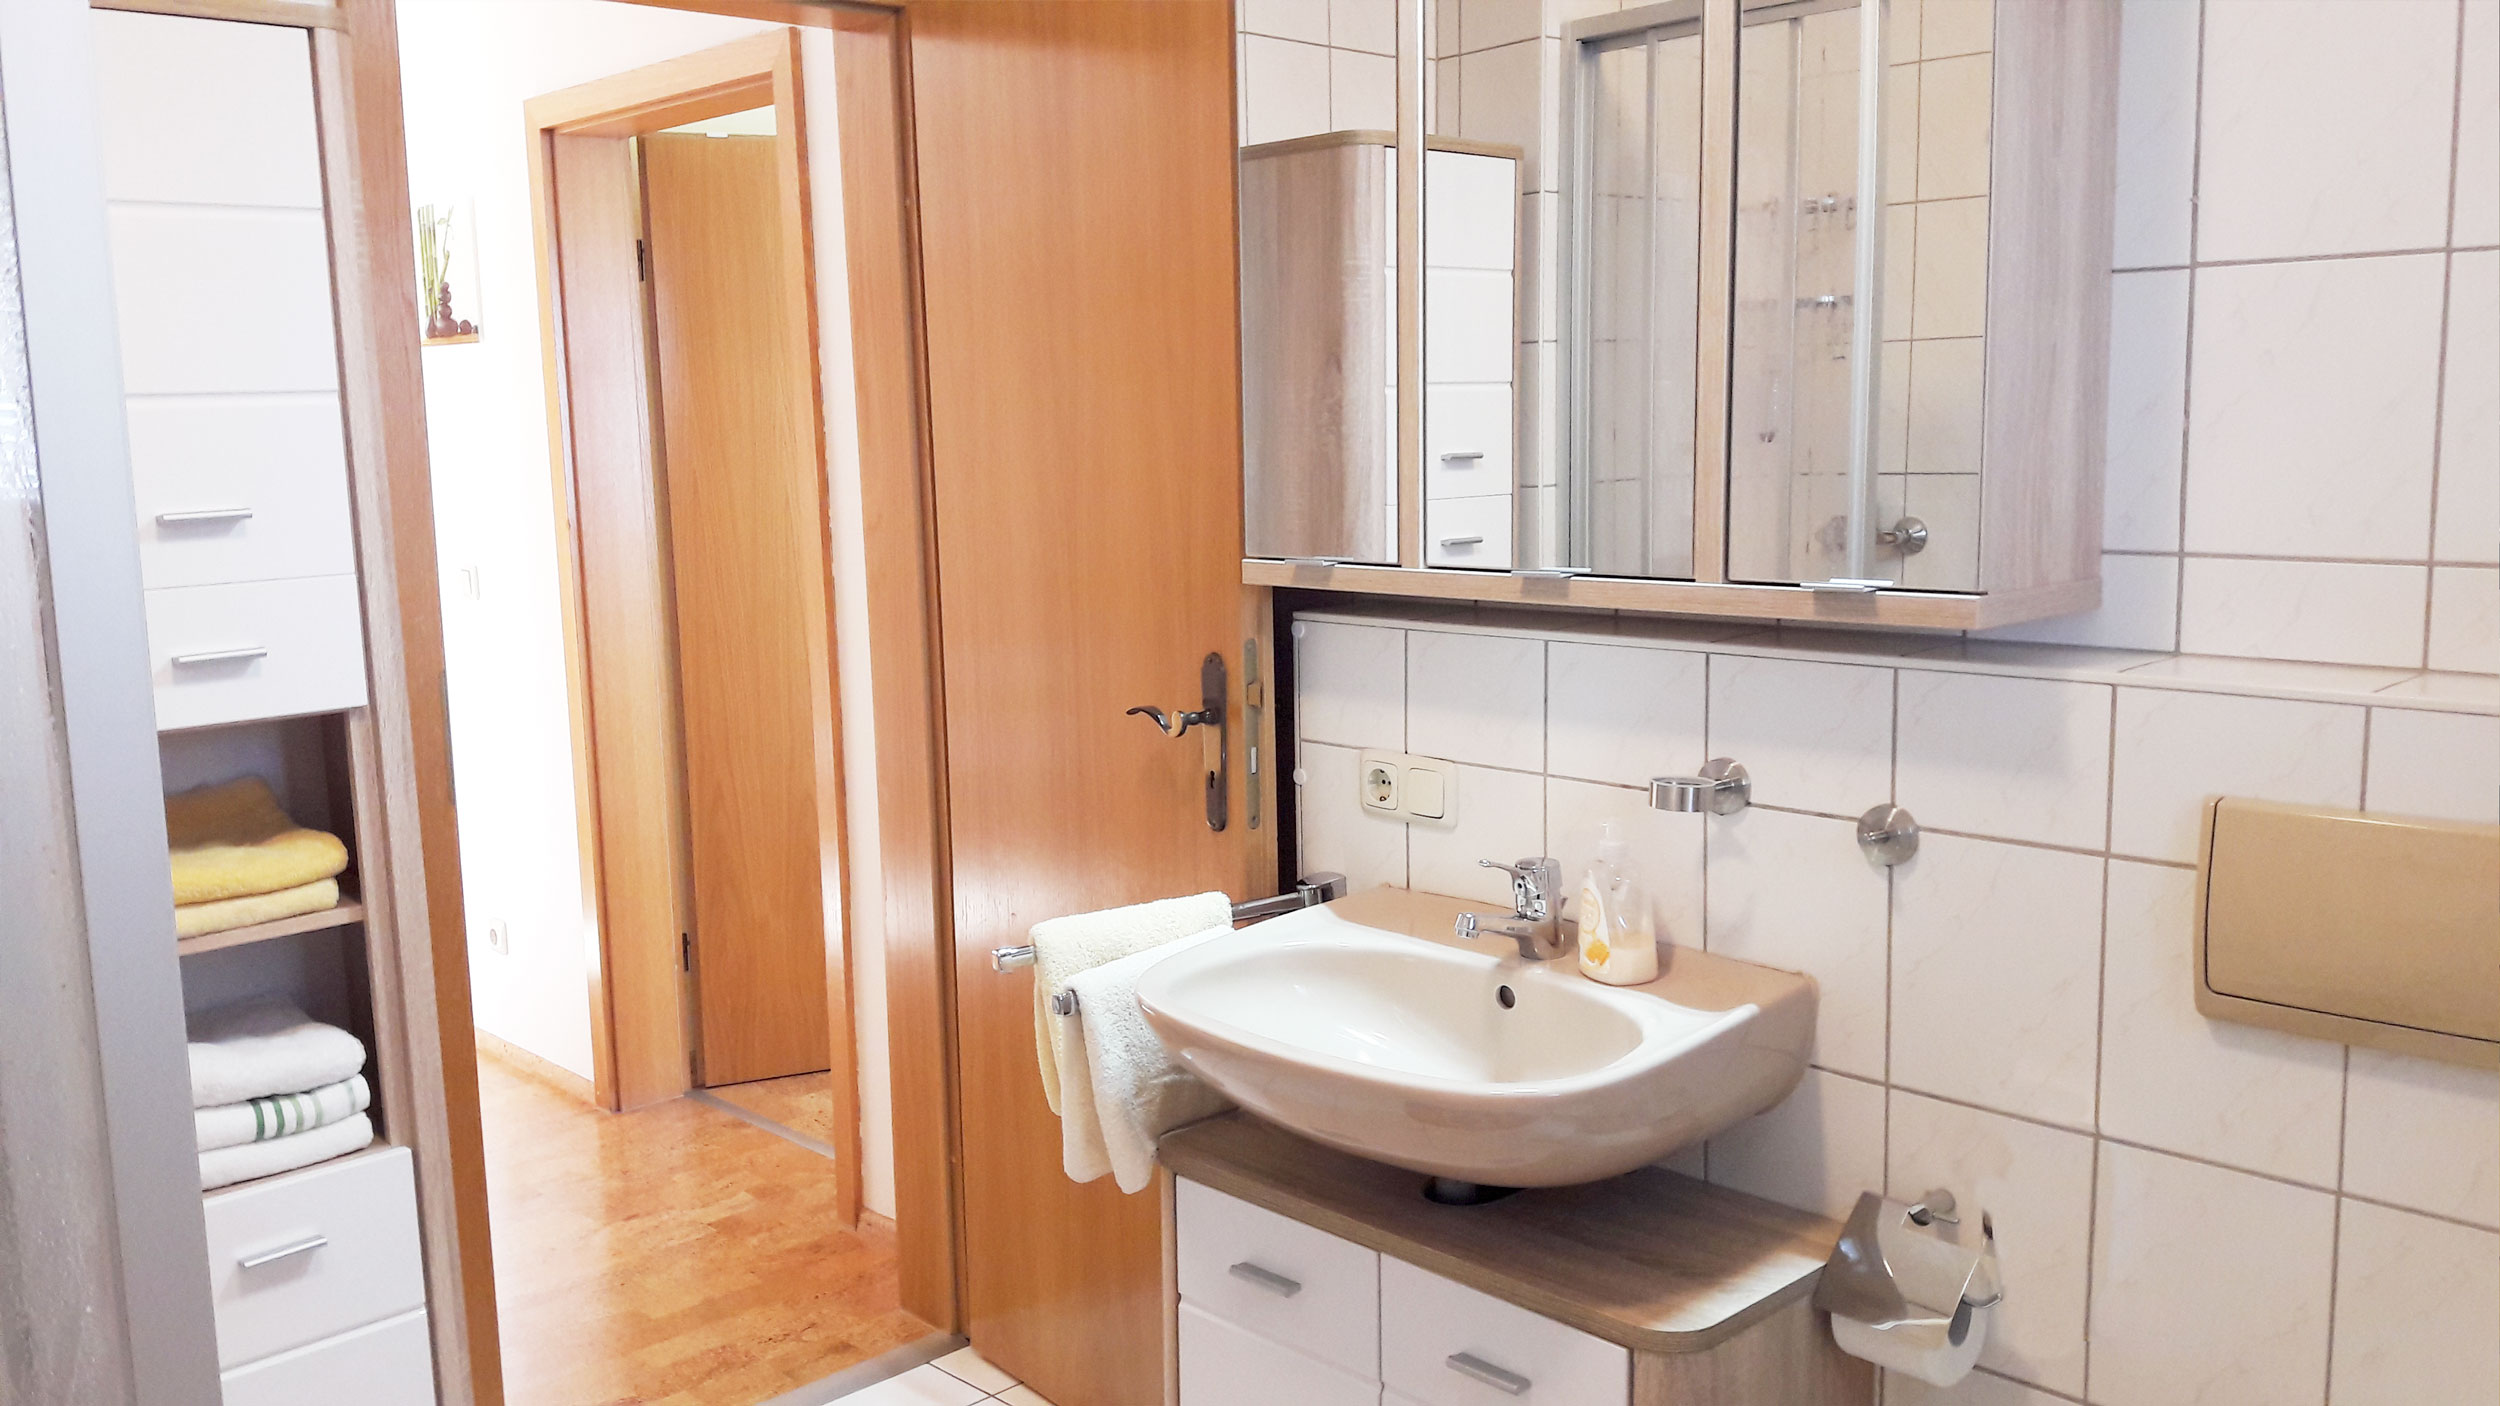 Ferienwohnung Bodenmais Badezimmer